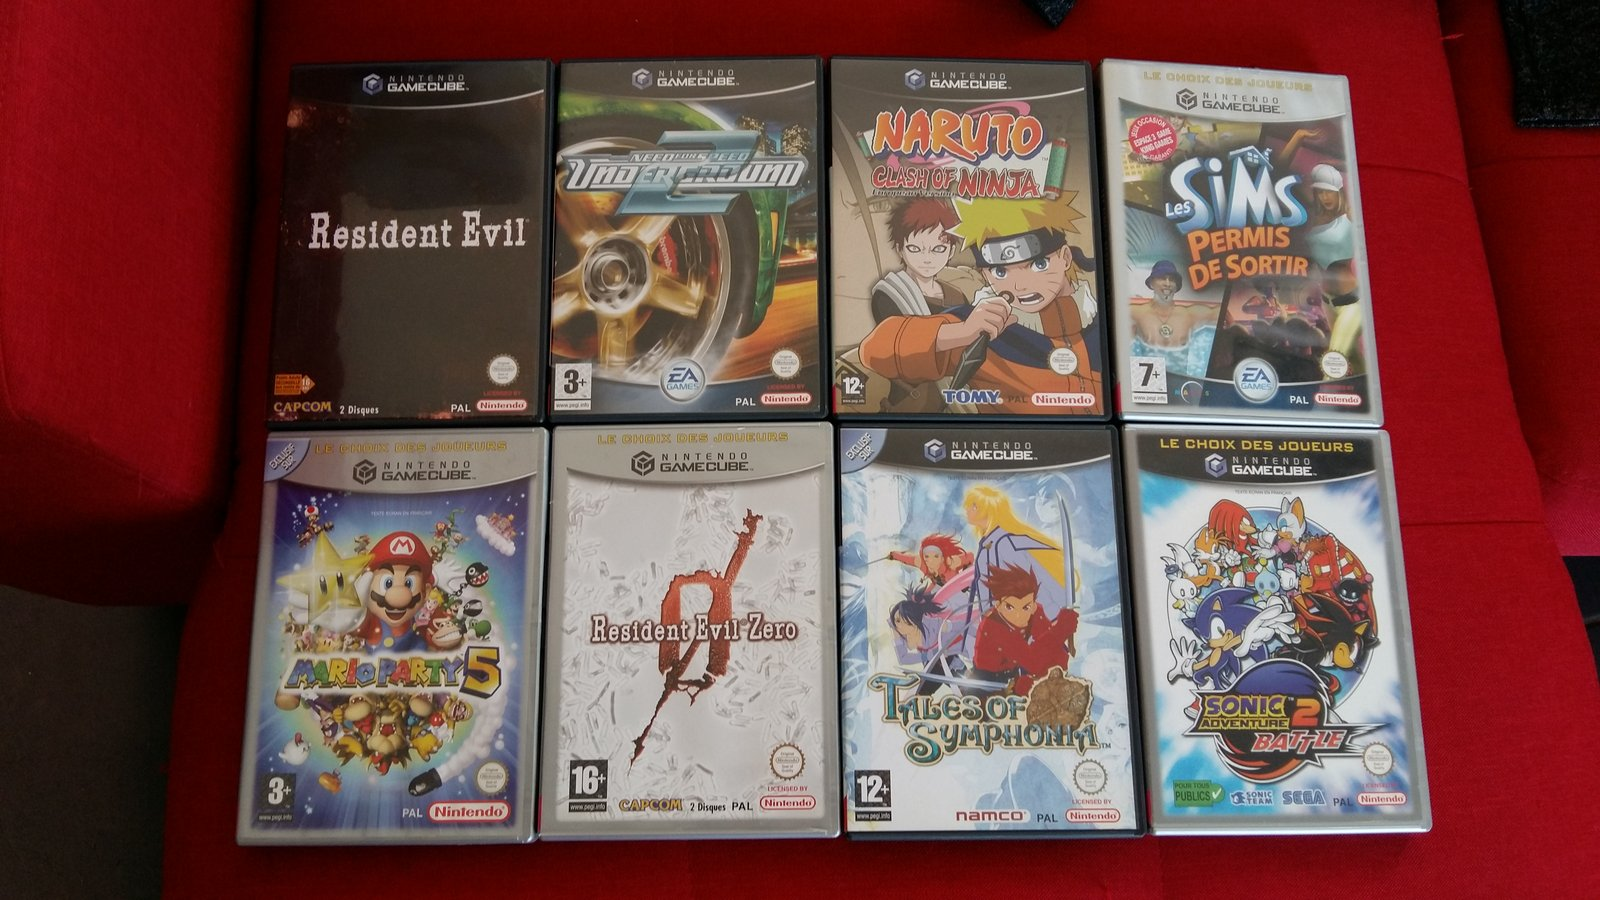 [VDS] Lot Jeux WiiU + Jeux Gamecube et Wii - Page 2 19062409312292898